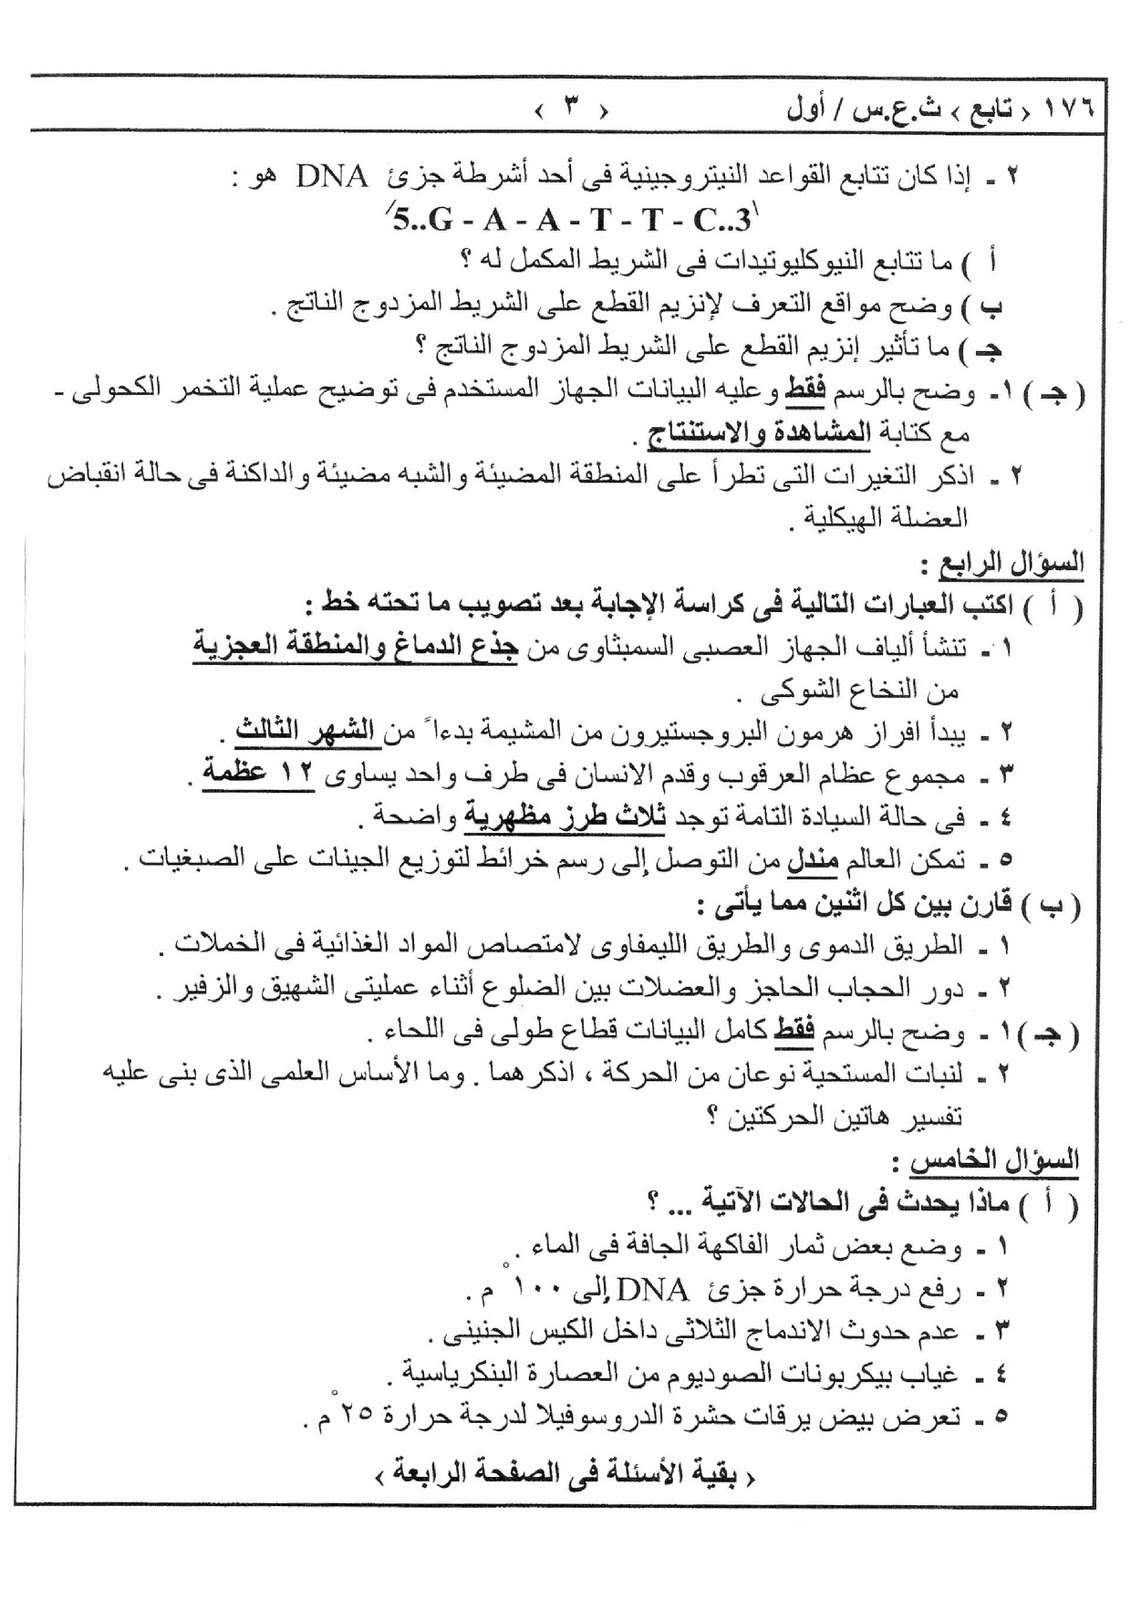 رسالة أحدث رسالة أقدم الصفحة الرئيسية